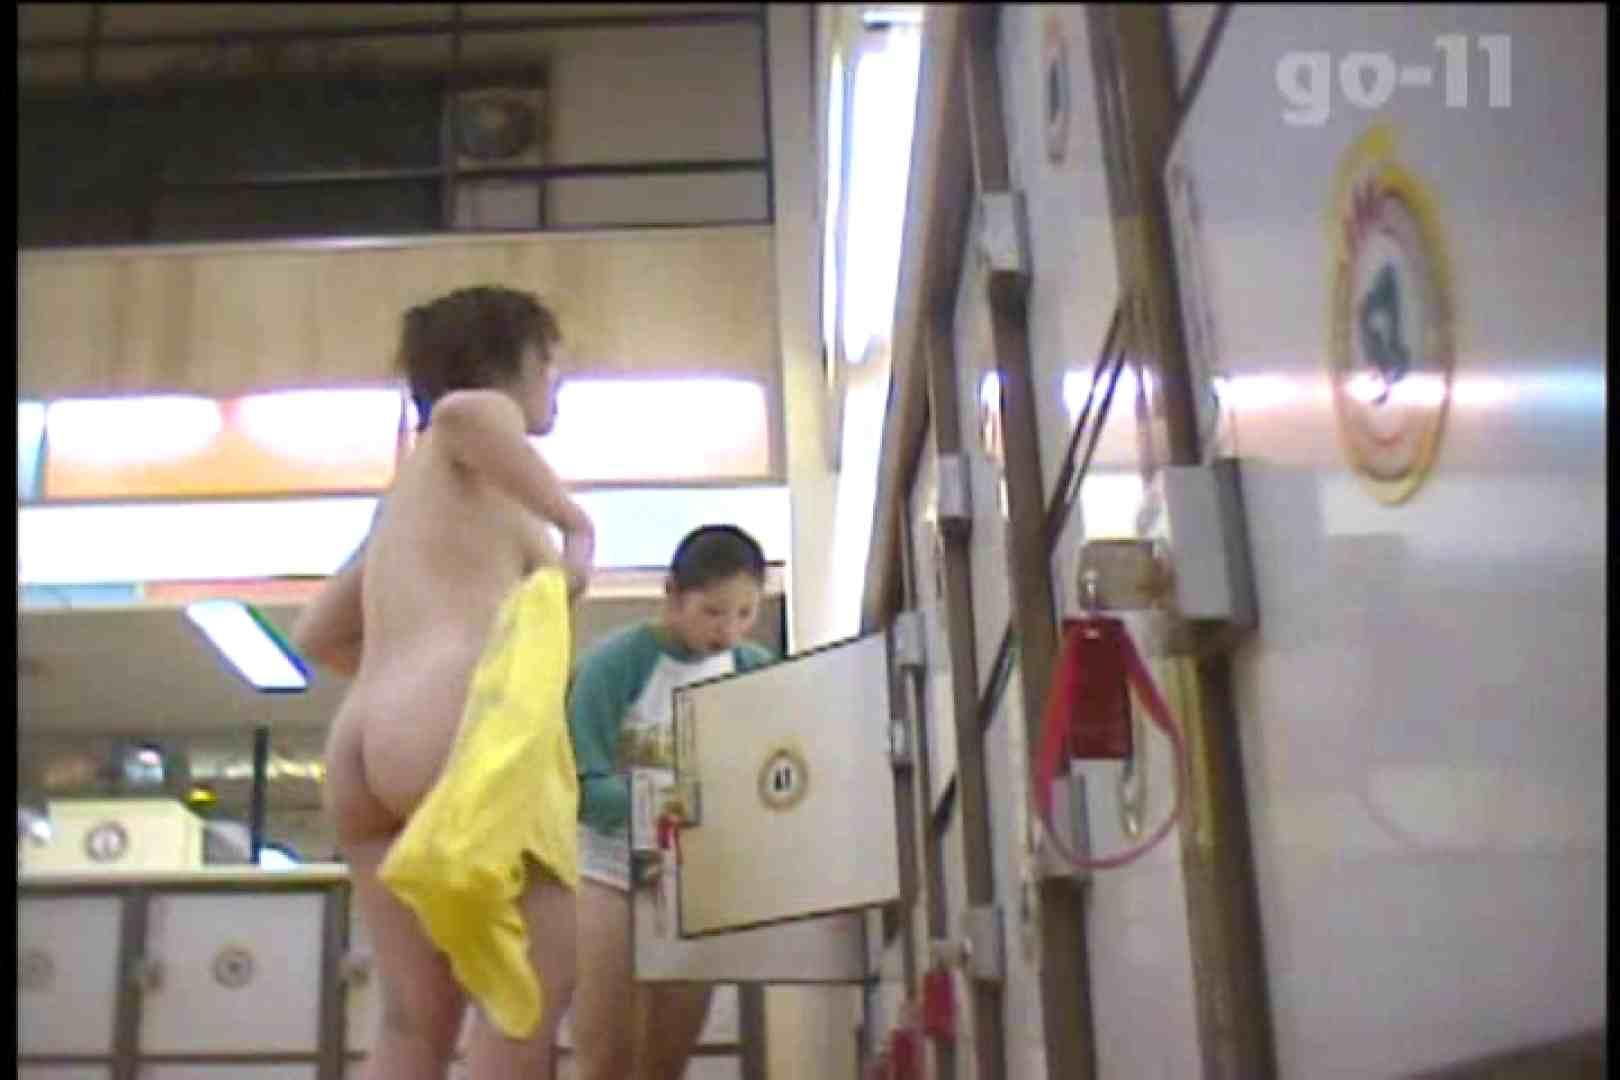 電波カメラ設置浴場からの防HAN映像 Vol.11 OL女体 | 女体盗撮  55連発 37